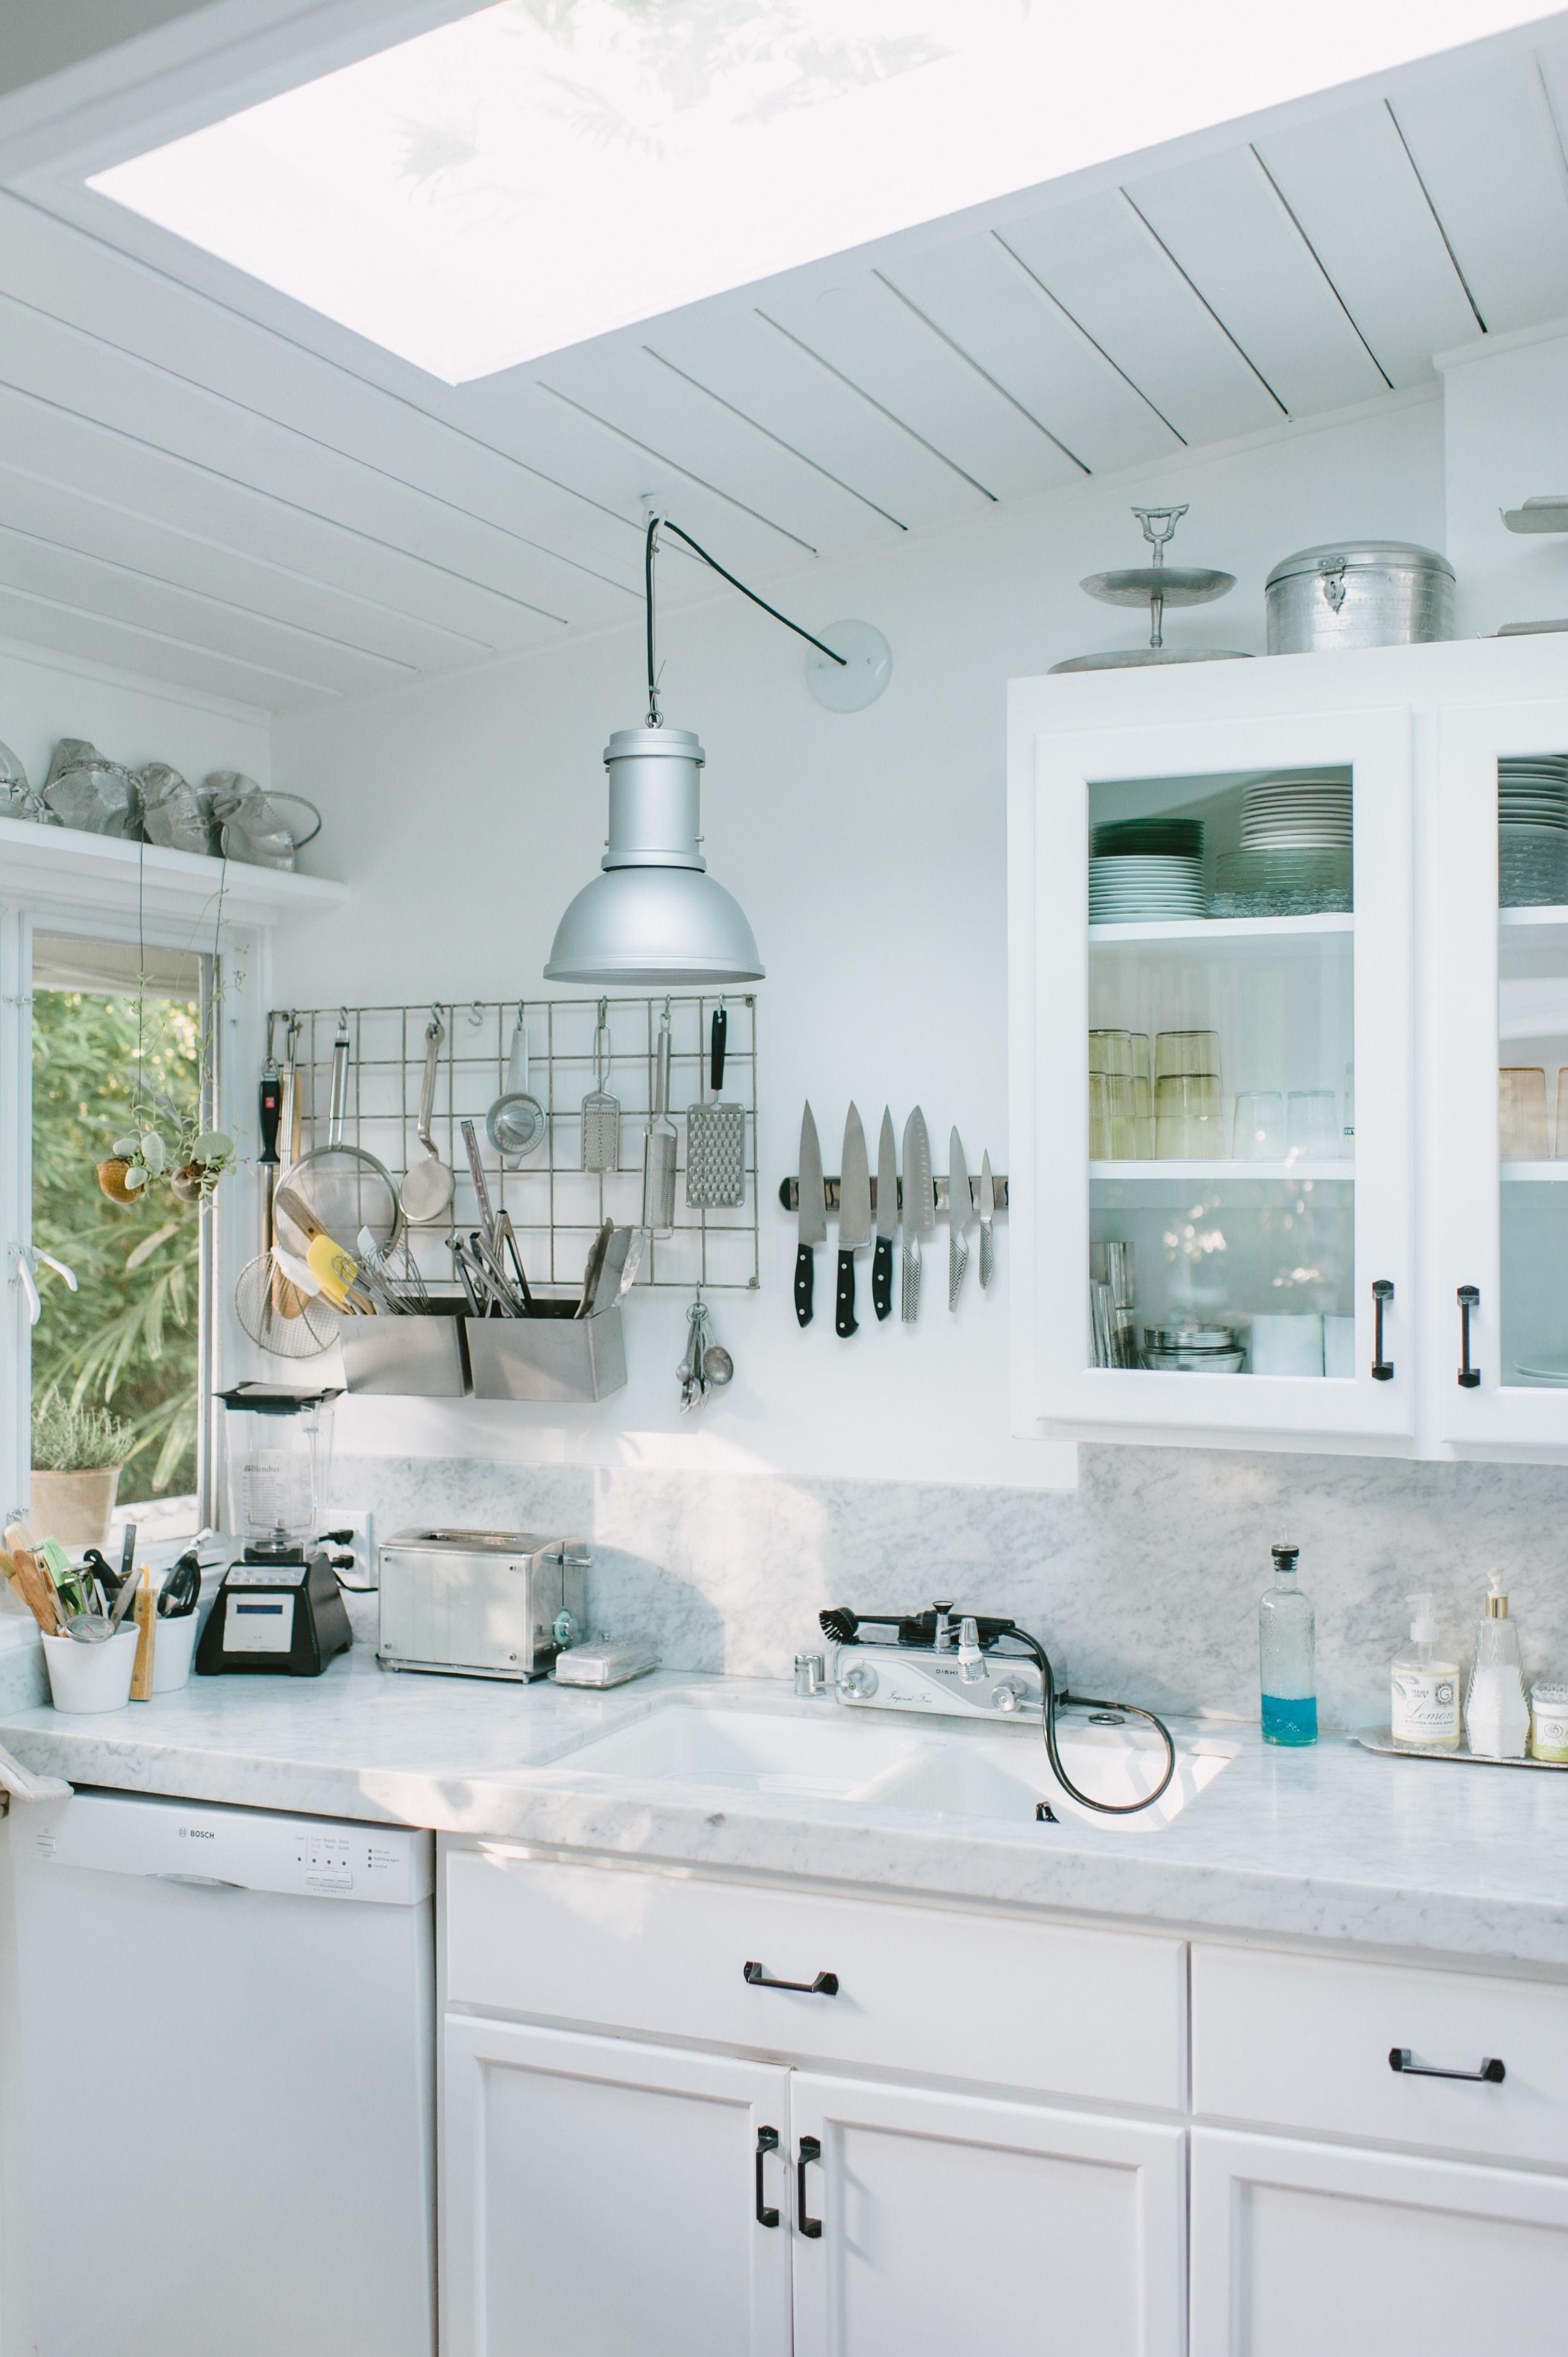 Nili Stevens Inspired Livings Home Tour  Read more - http://www.stylemepretty.com/living/2013/10/14/nili-stevens-home-tour/